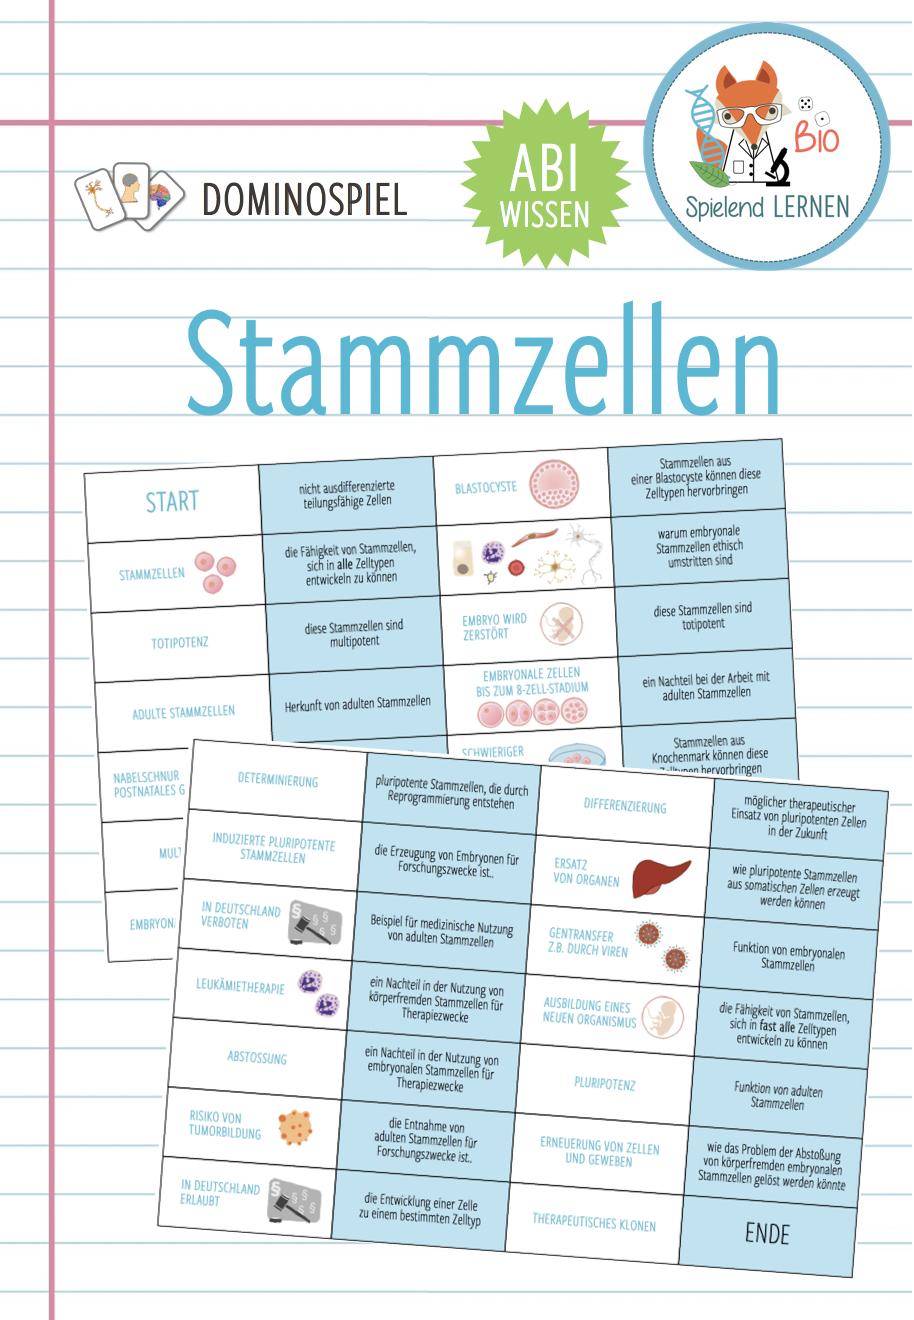 Stammzellen Dominospiel Abitur Unterrichtsmaterial Im Fach Biologie In 2020 Domino Spiele Stammzellen Domino